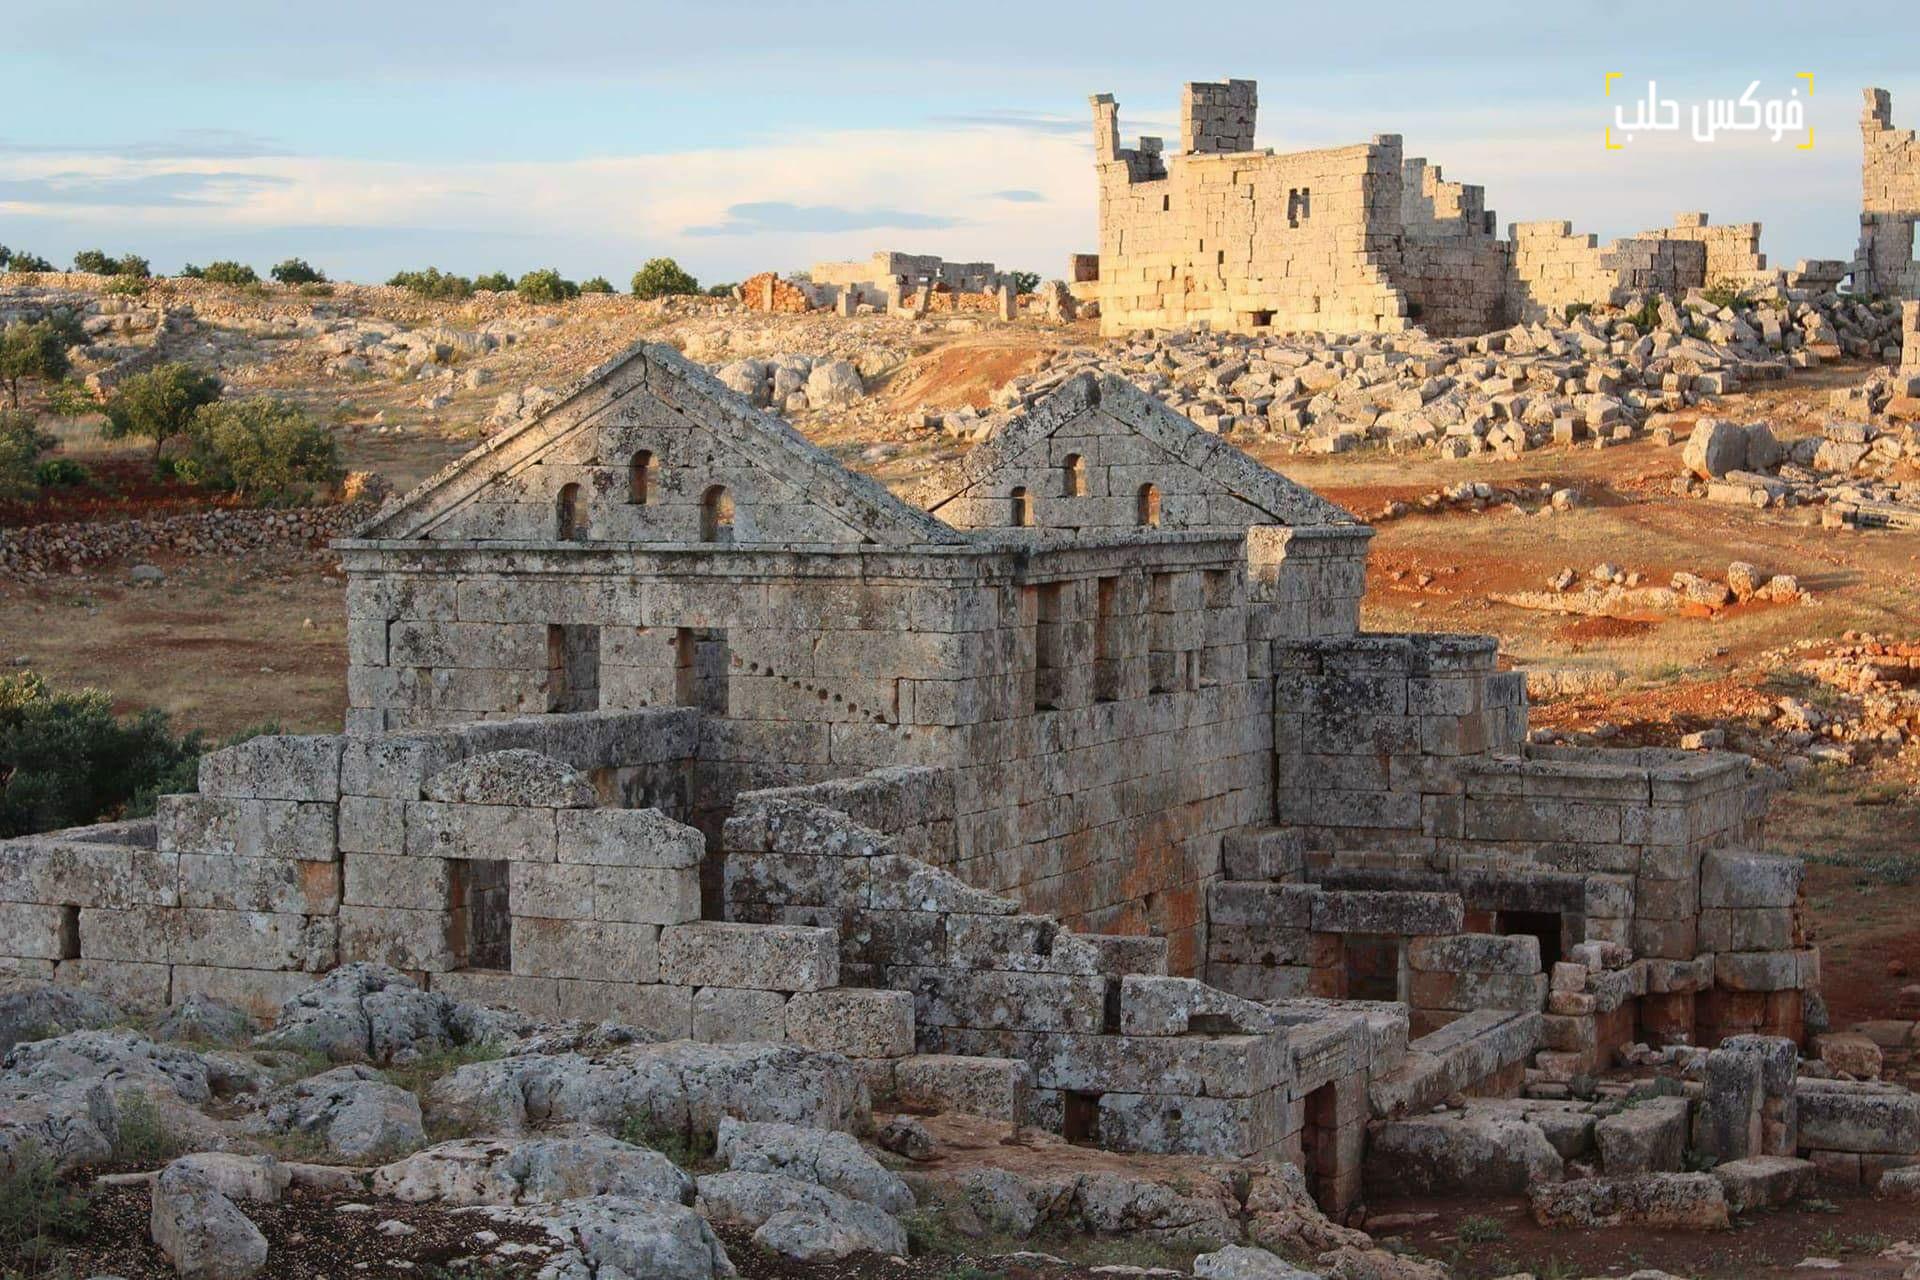 مدينة سرجيلا الأثرية بريف إدلب.